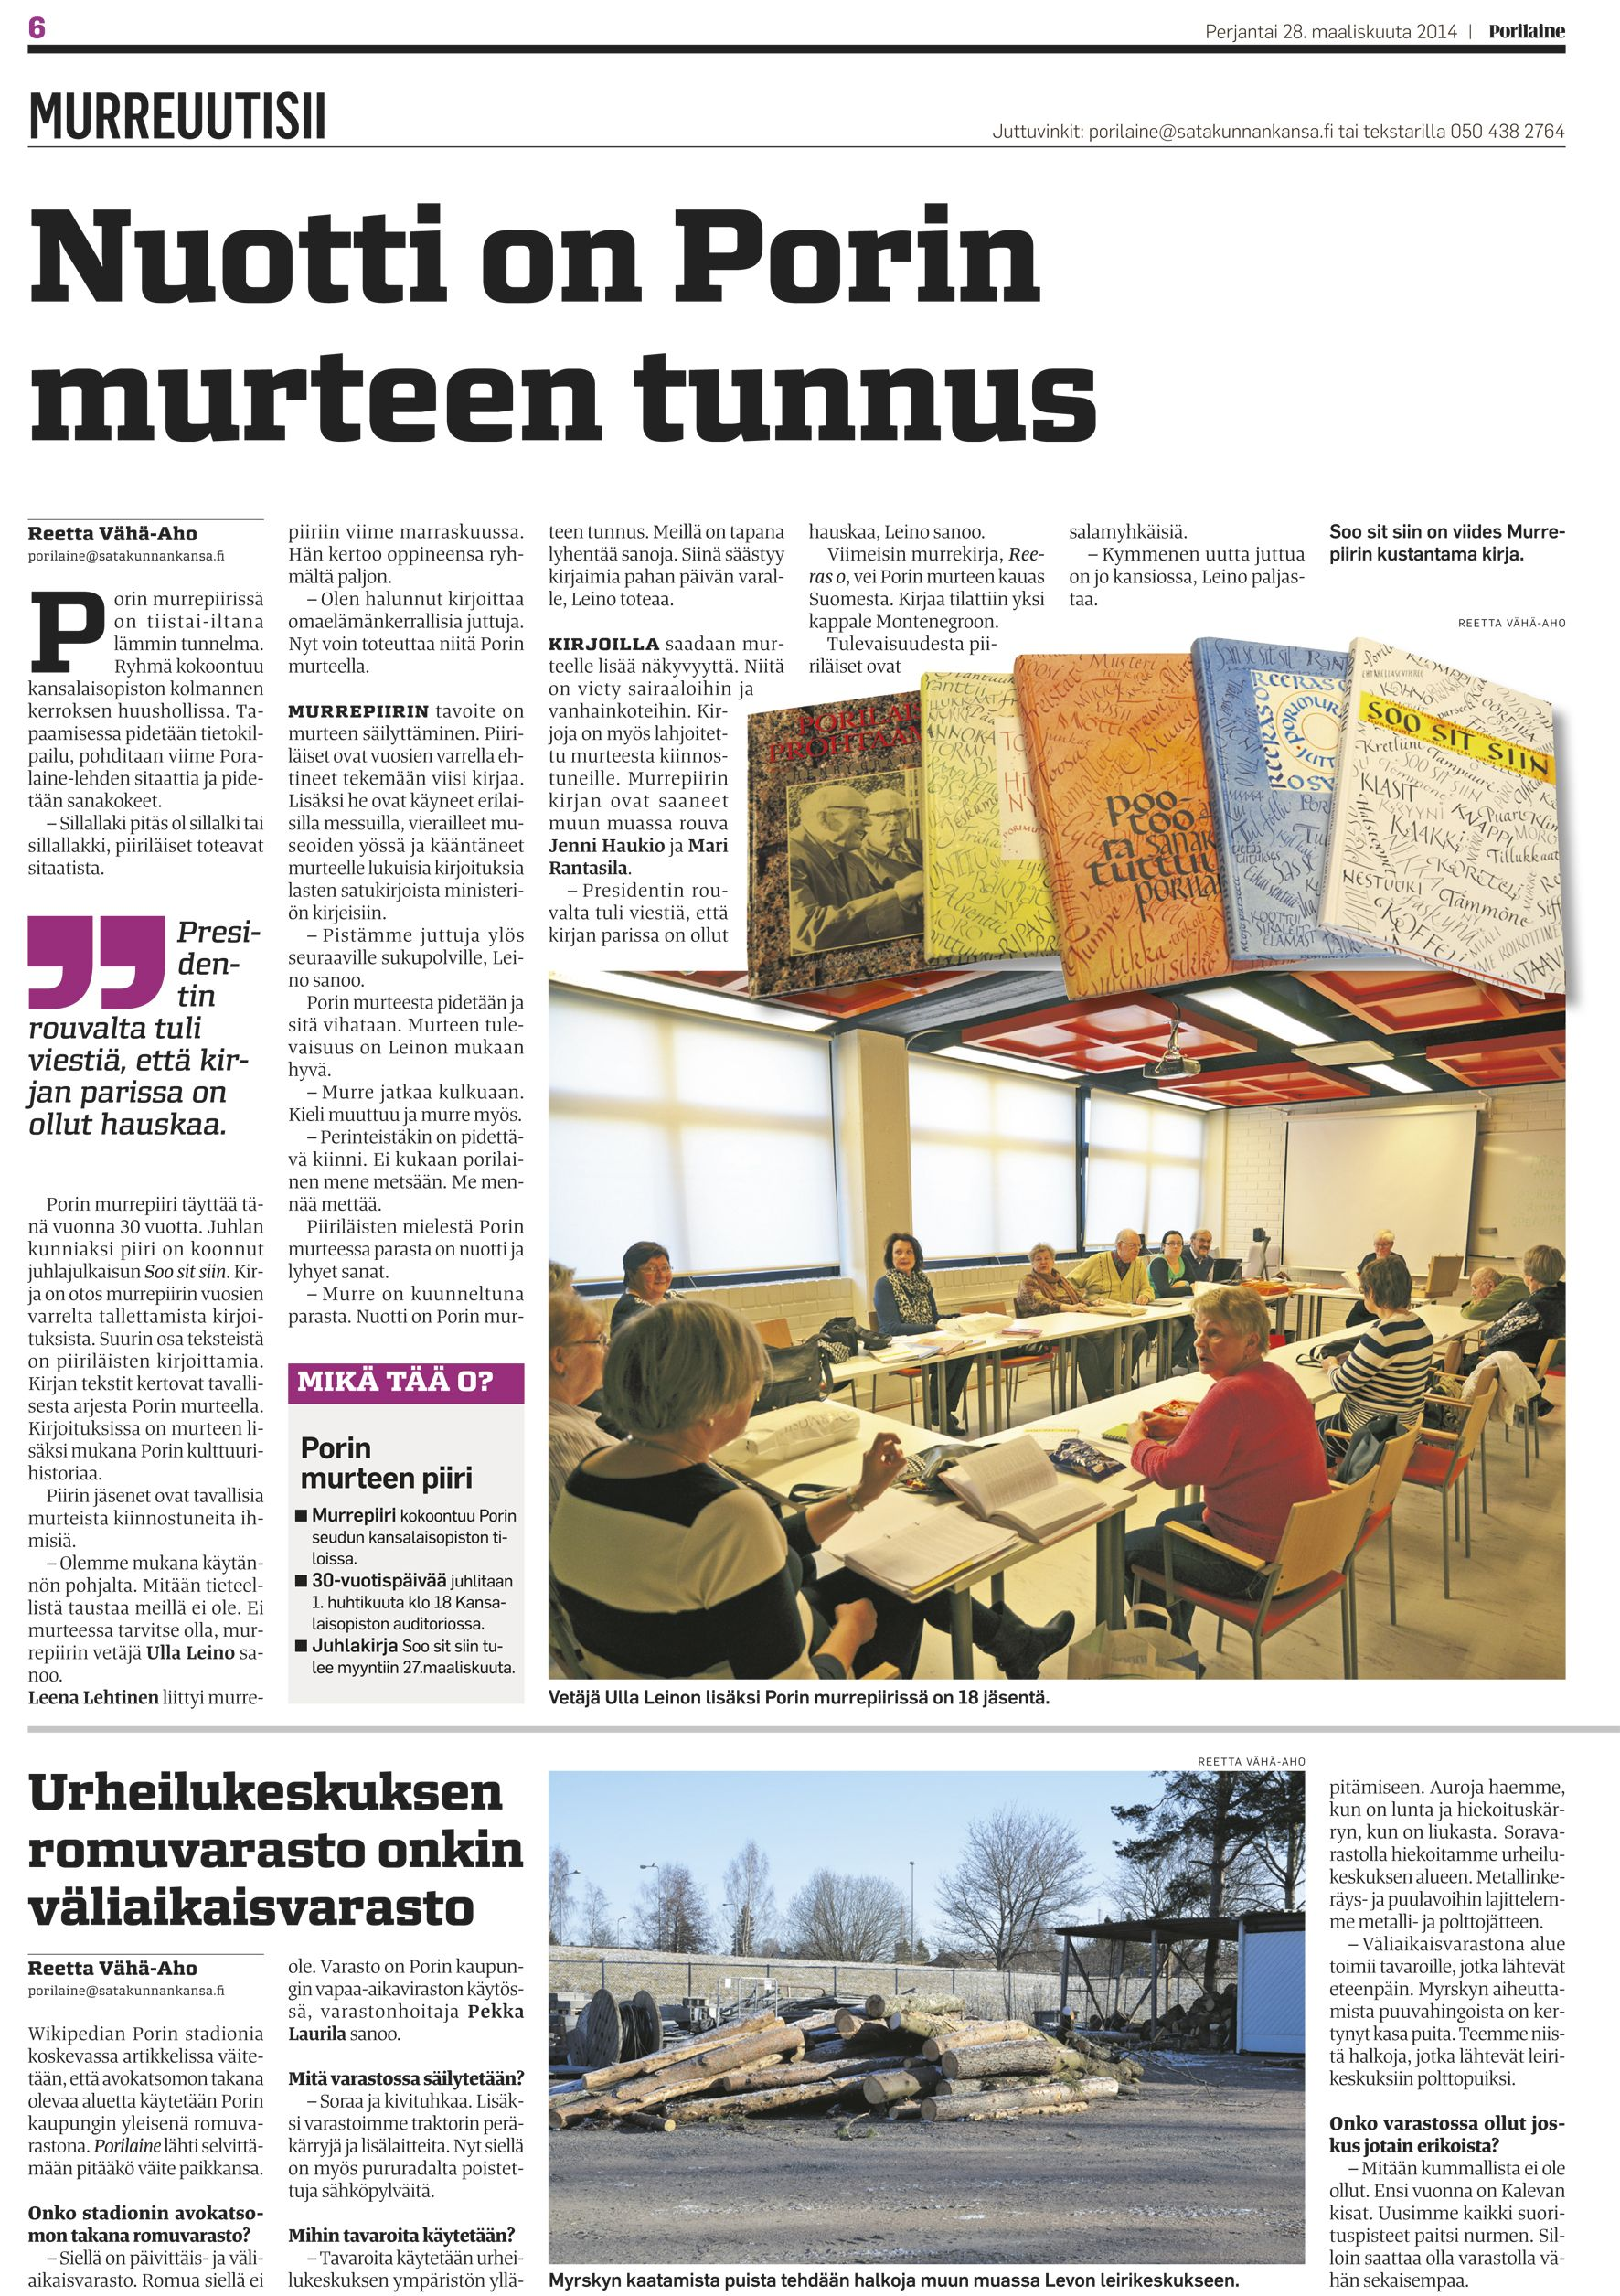 Porilaine 28/3/2014. Tekstit: Reetta Vähä-Aho Kuvat: Reetta Vähä-Aho //Painamalla kuvaa artikkeli aukeaa uuteen väliehteen.//